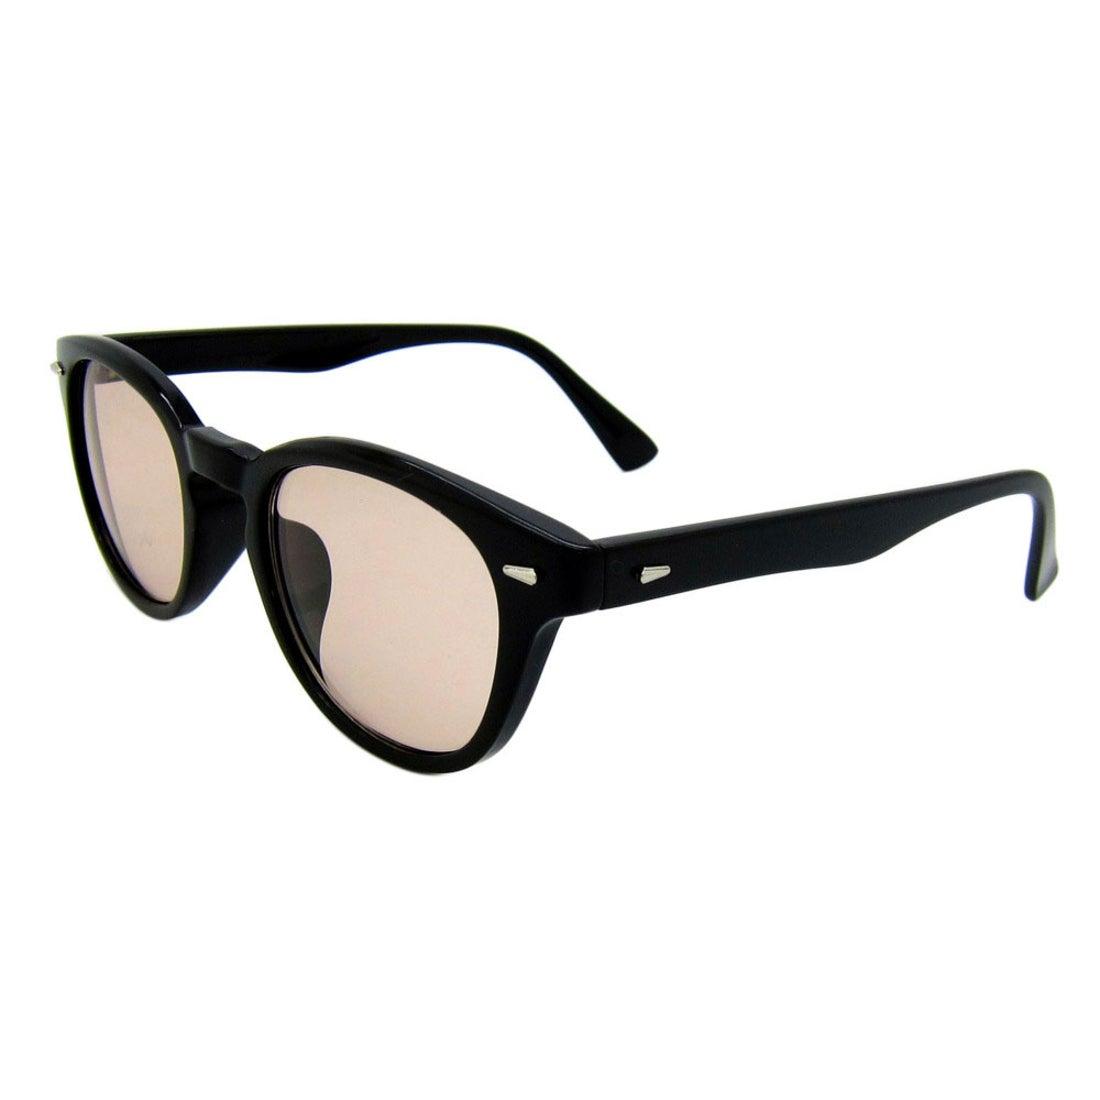 ノーブランド No Brand サングラス sunglass 5005 (ブラック/L.ブラウン)